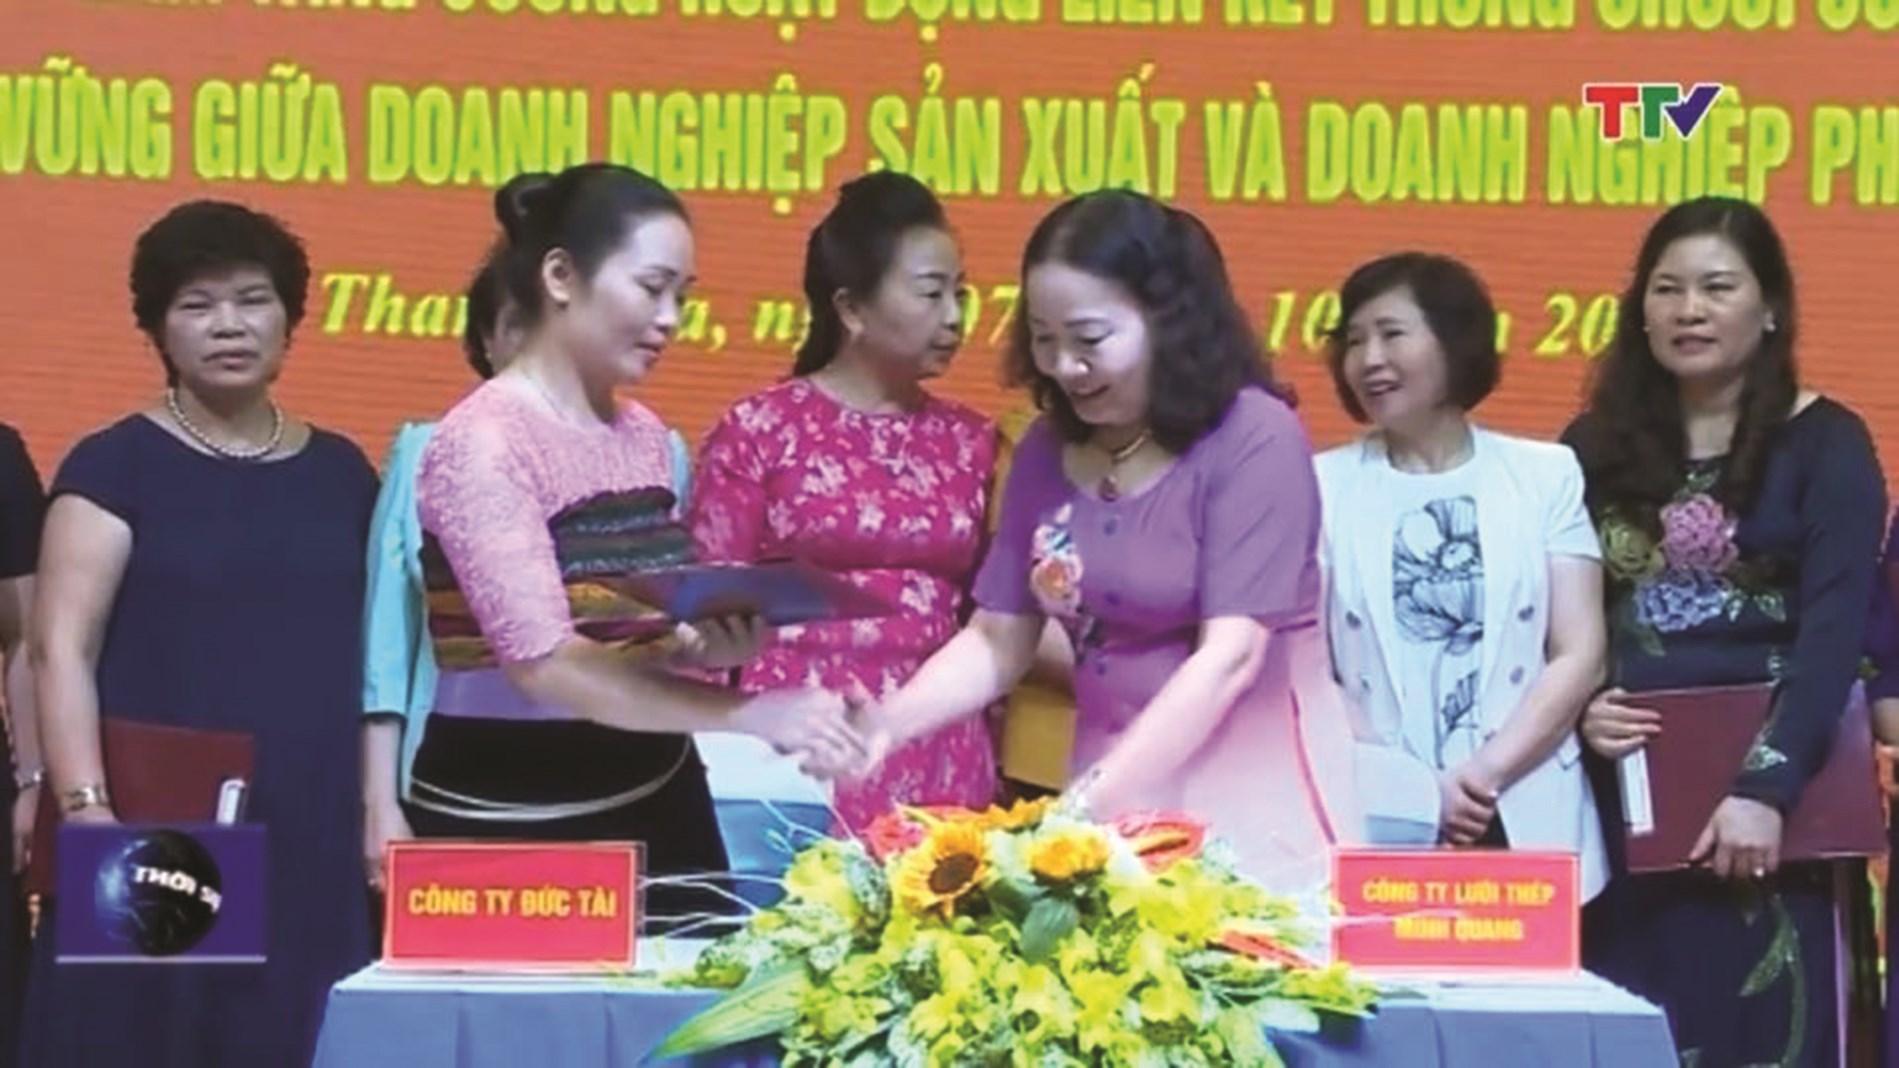 Công ty của gia đình chị Nhung tham gia ký kết cung ứng sản phẩm đặc sản của vùng cao.